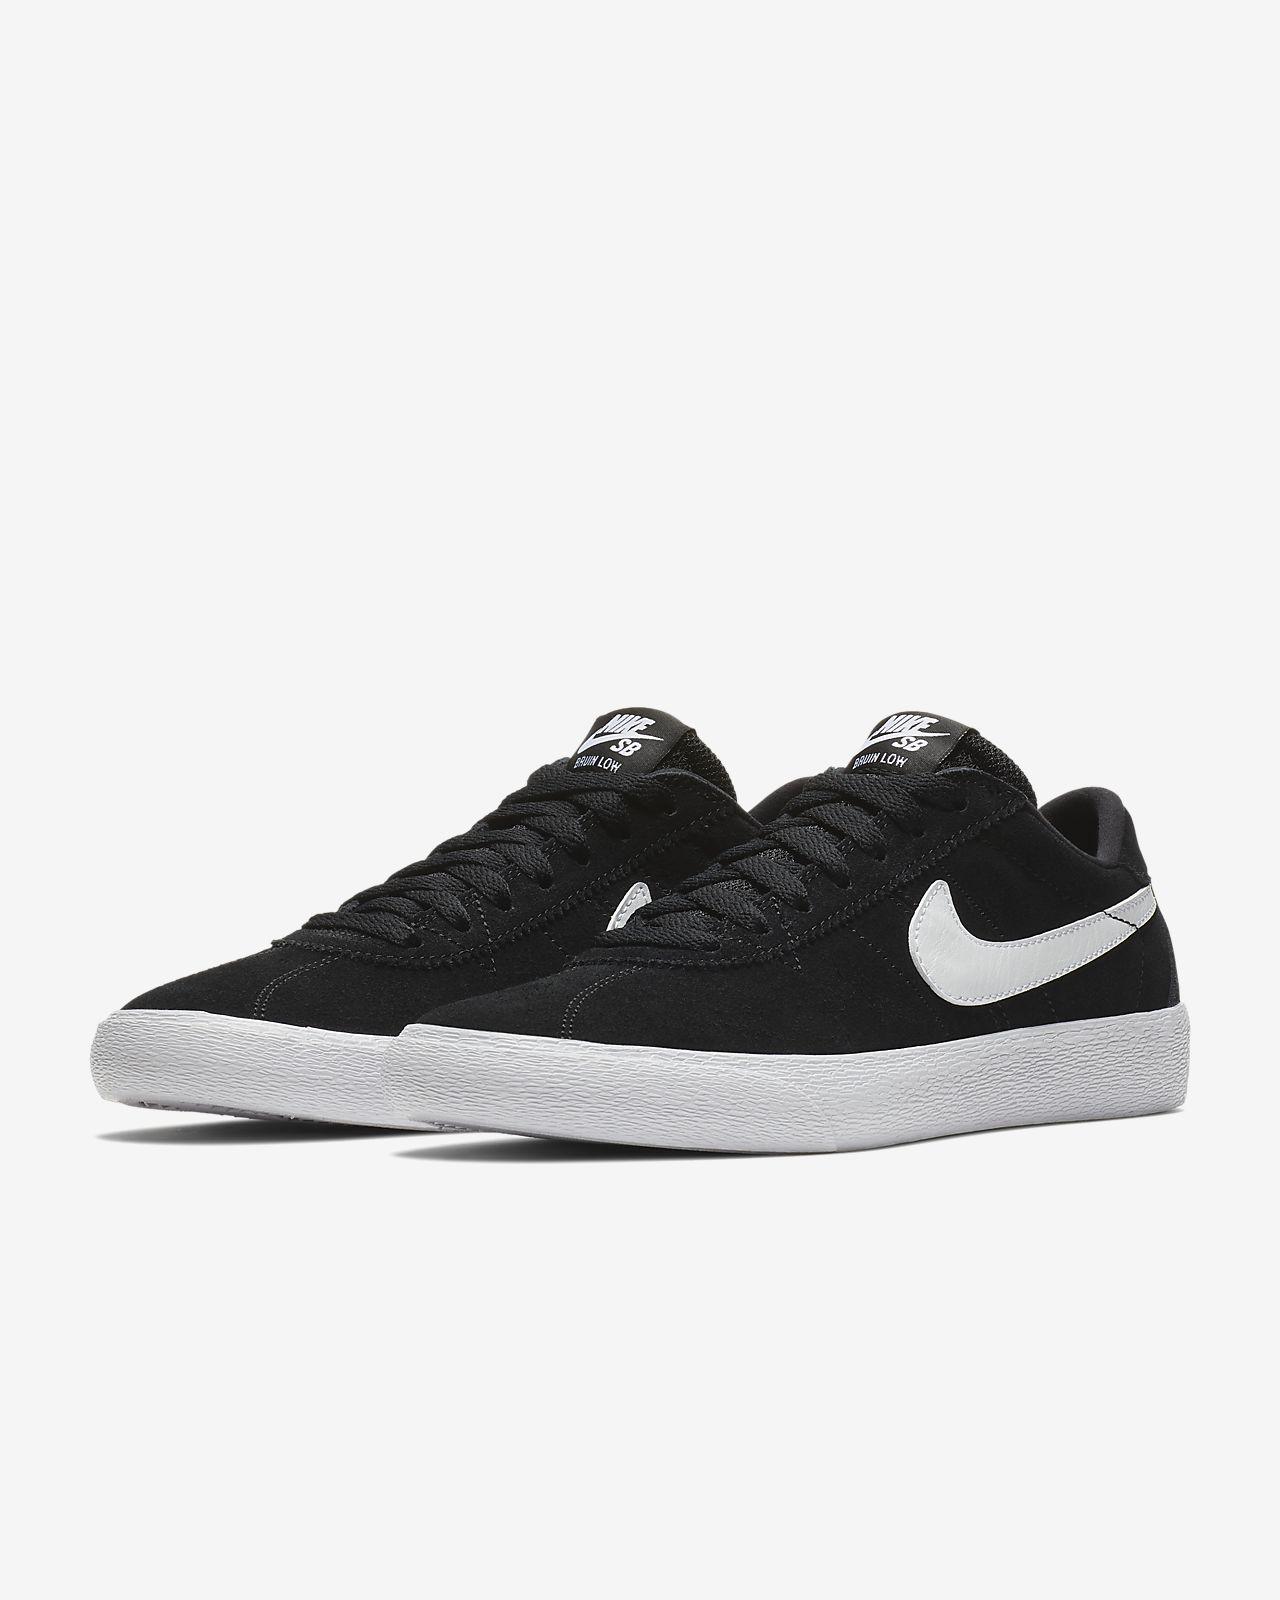 new arrival 57c85 6ba23 ... Nike SB Zoom Bruin Low Womens Skateboarding Shoe